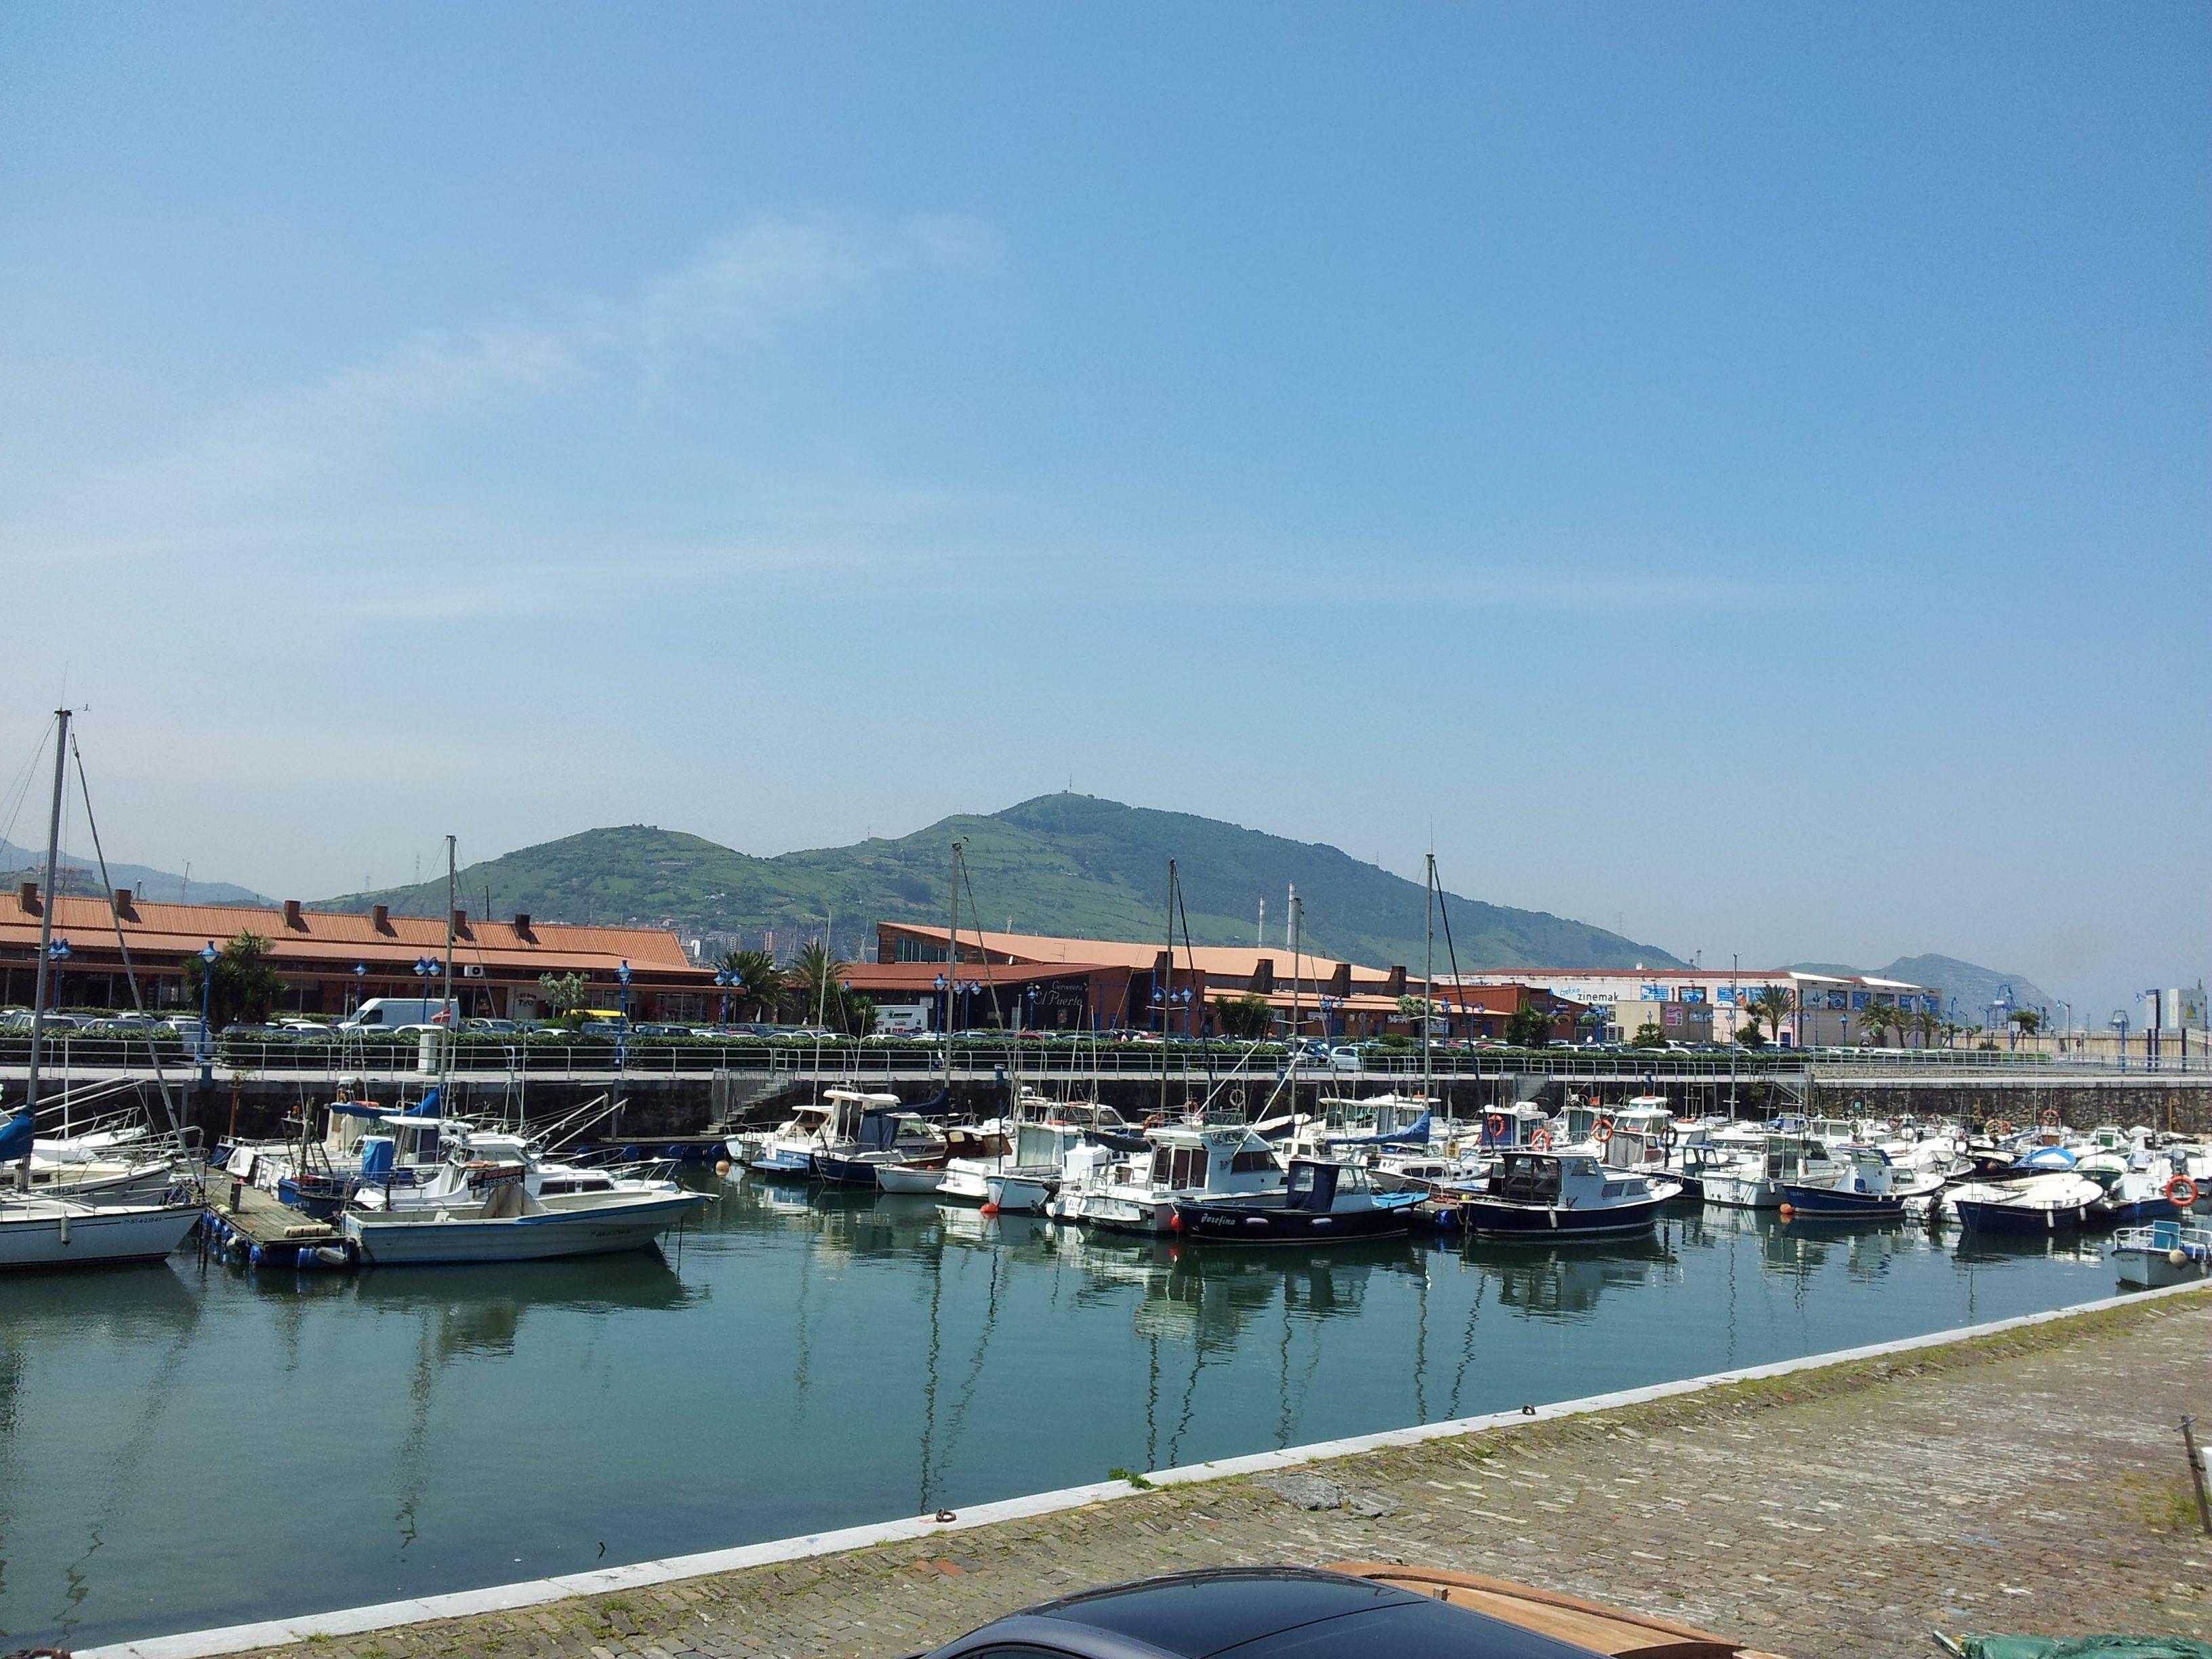 Puerto deportivo getxo gu a bilbao turismo - Cines puerto deportivo getxo ...